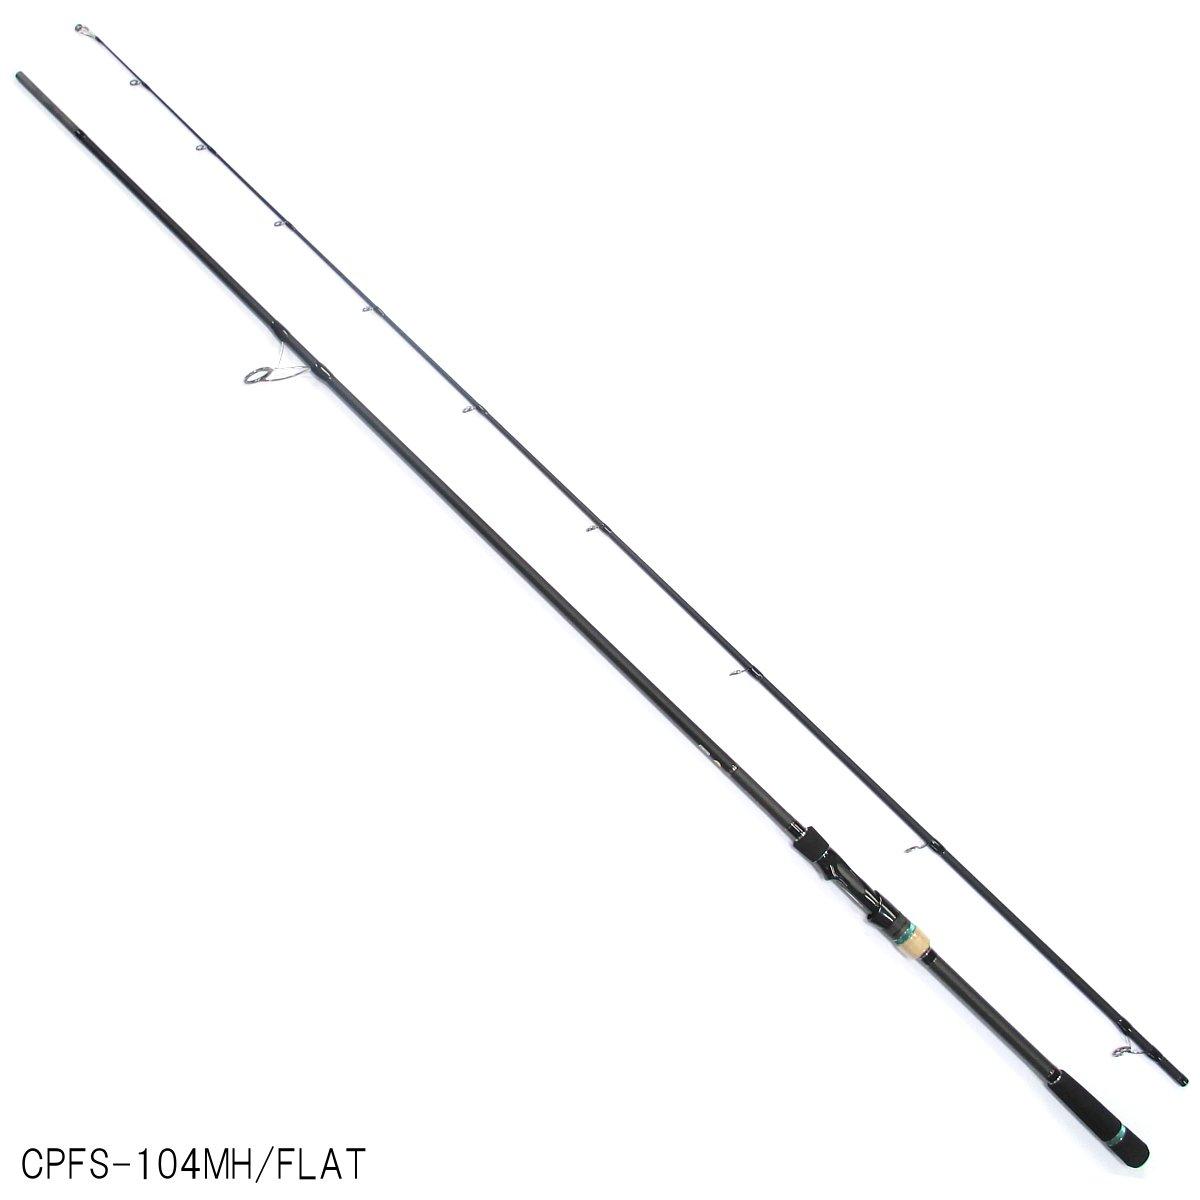 サイファリスト フラットセイバー CPFS-104MH/FLAT【大型商品】(東日本店)